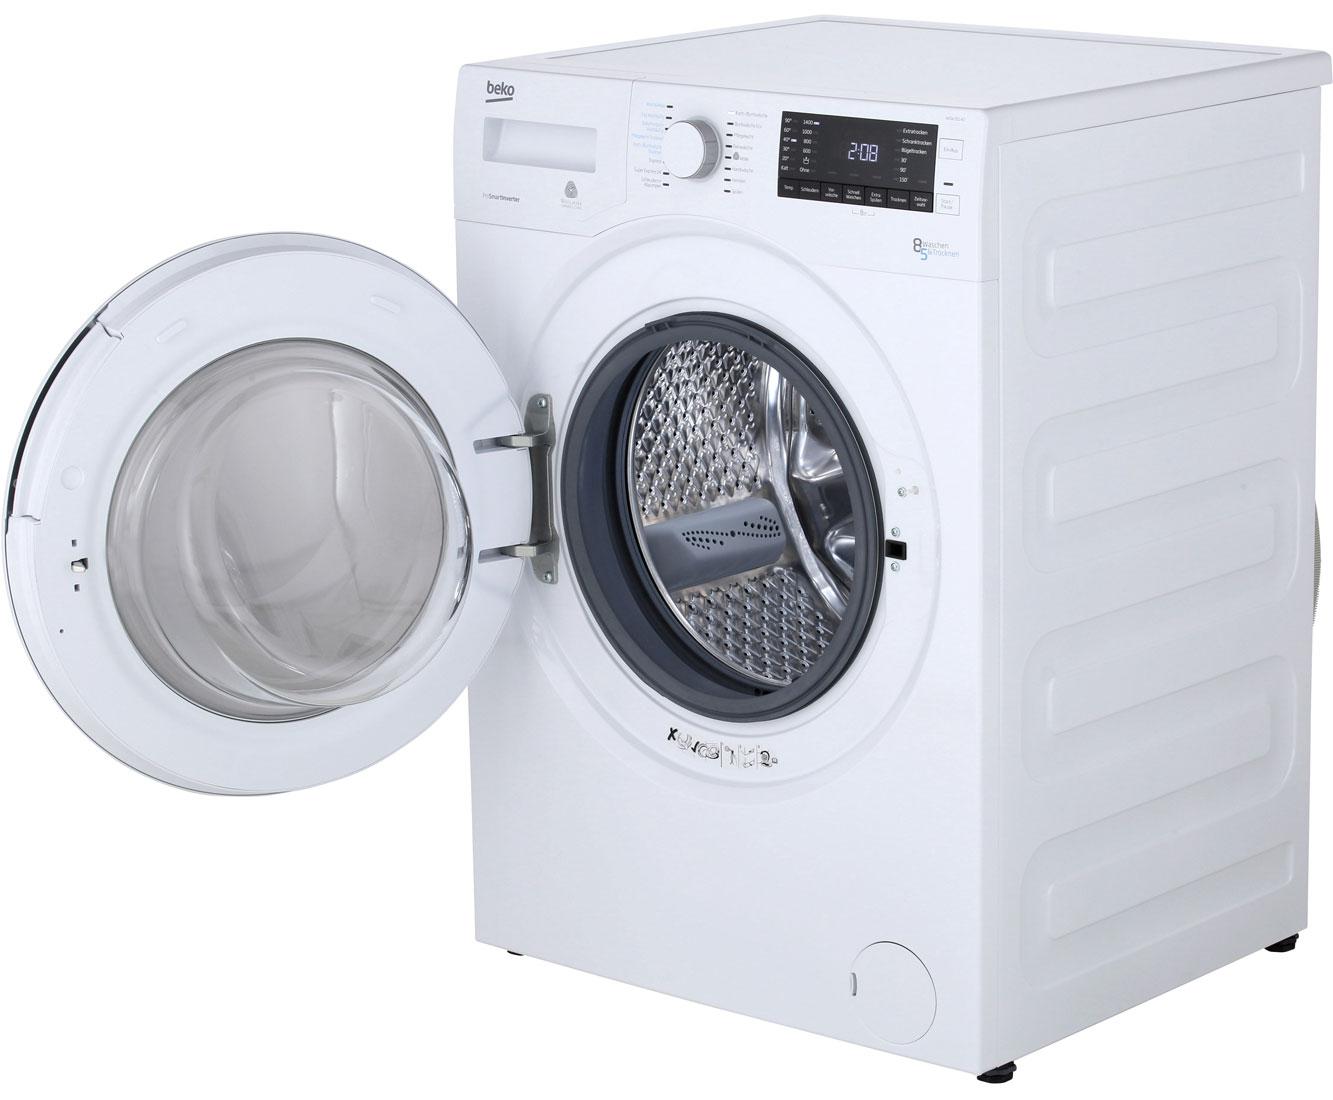 Unsere besten waschtrockner bequem bestellen bei ao.de